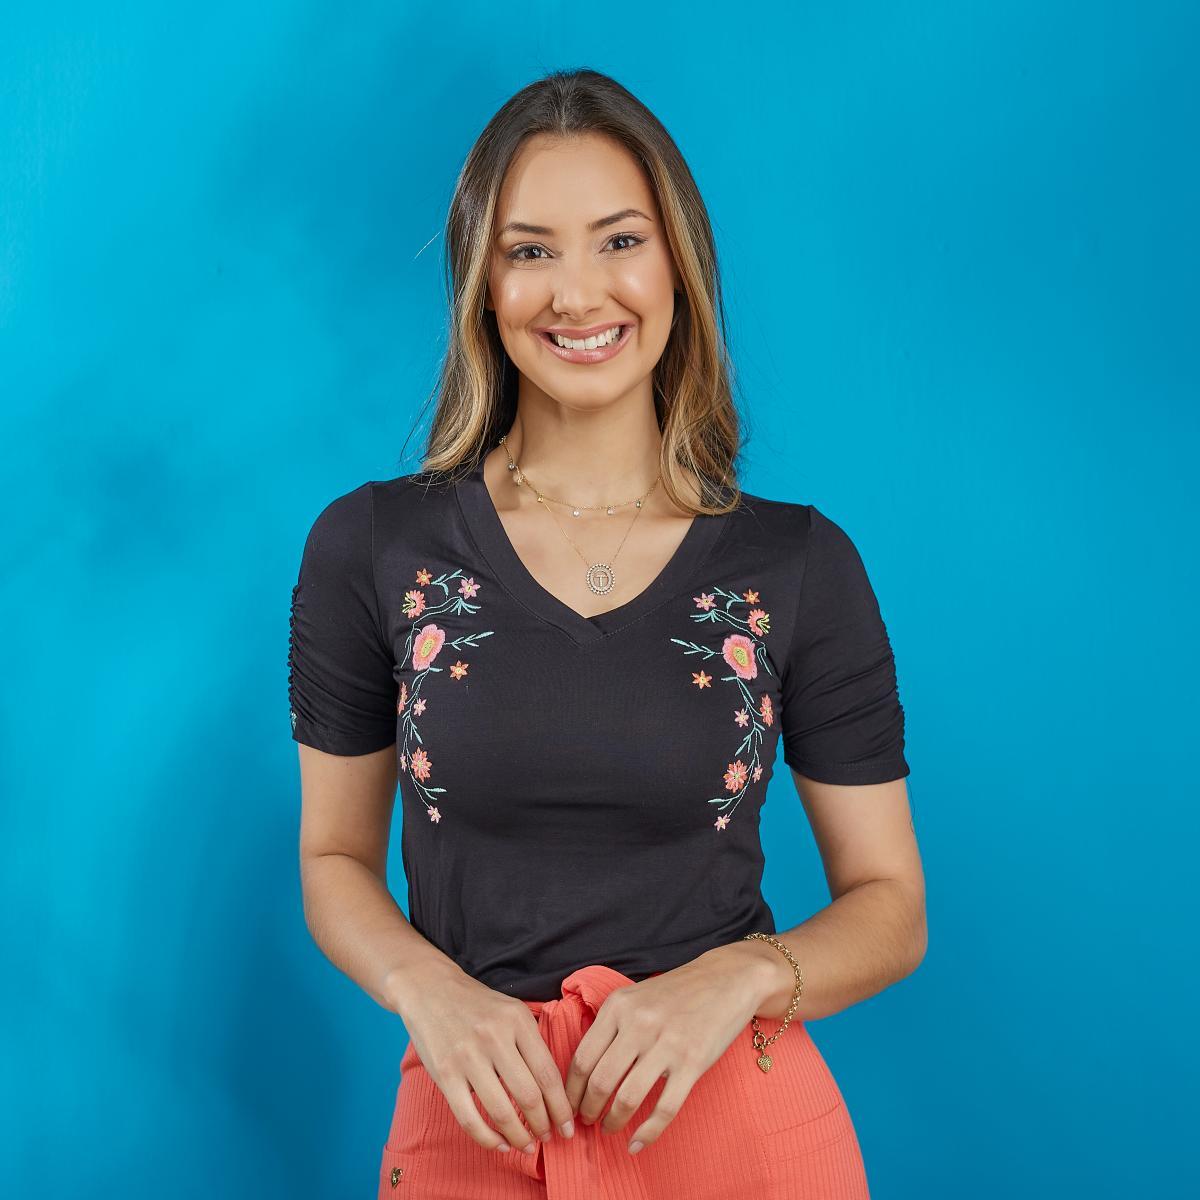 Blusa Girassol Malha Viscolycra, Decote em V, Moda Evangélica - Tatá Martello